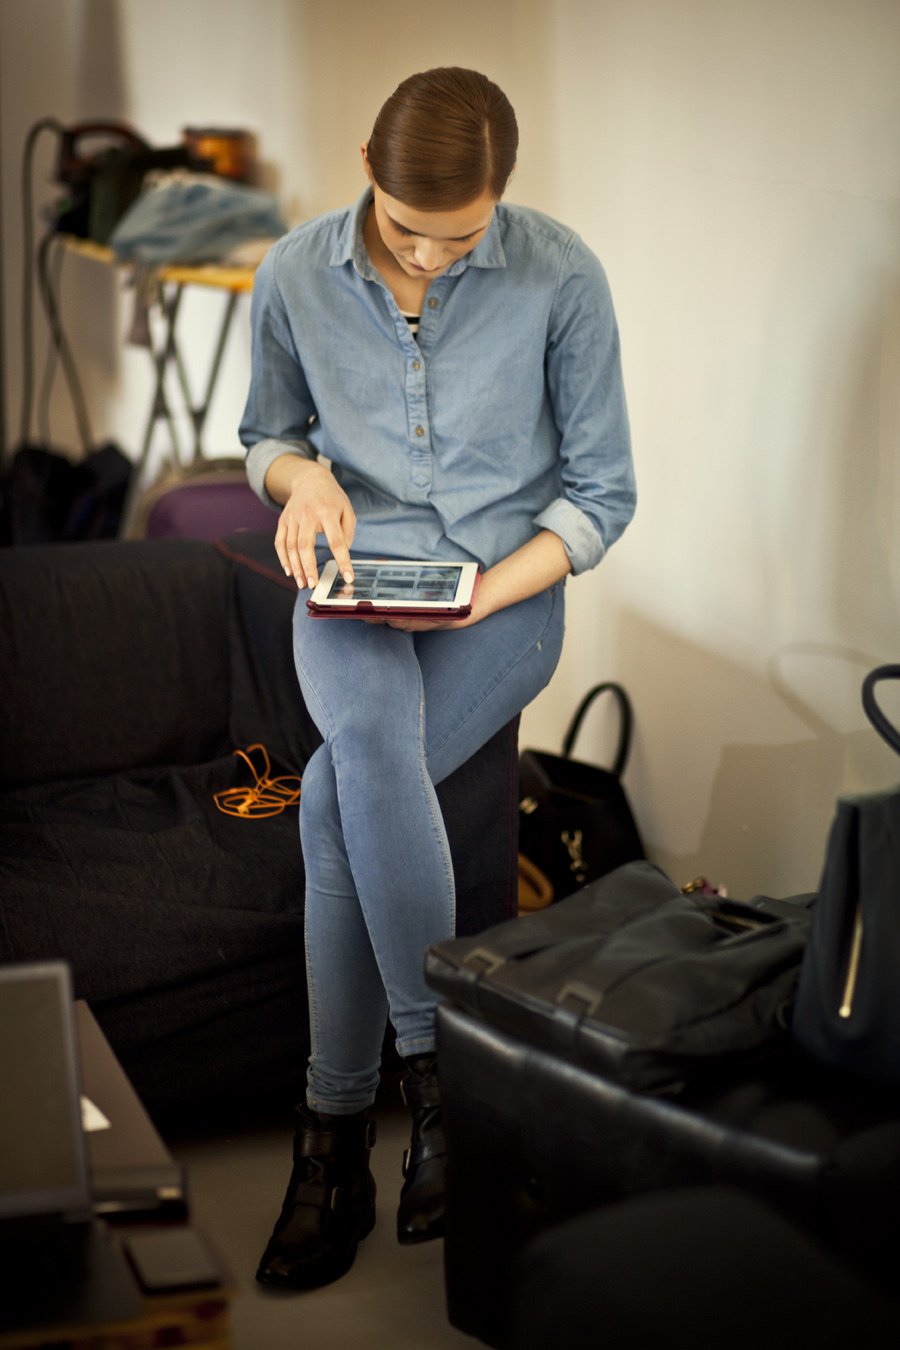 Chwila odpoczynku. Karolina Wąż z New Age Models/fot. Agnieszka Taukert/Backbone dla Do You Know Fashion